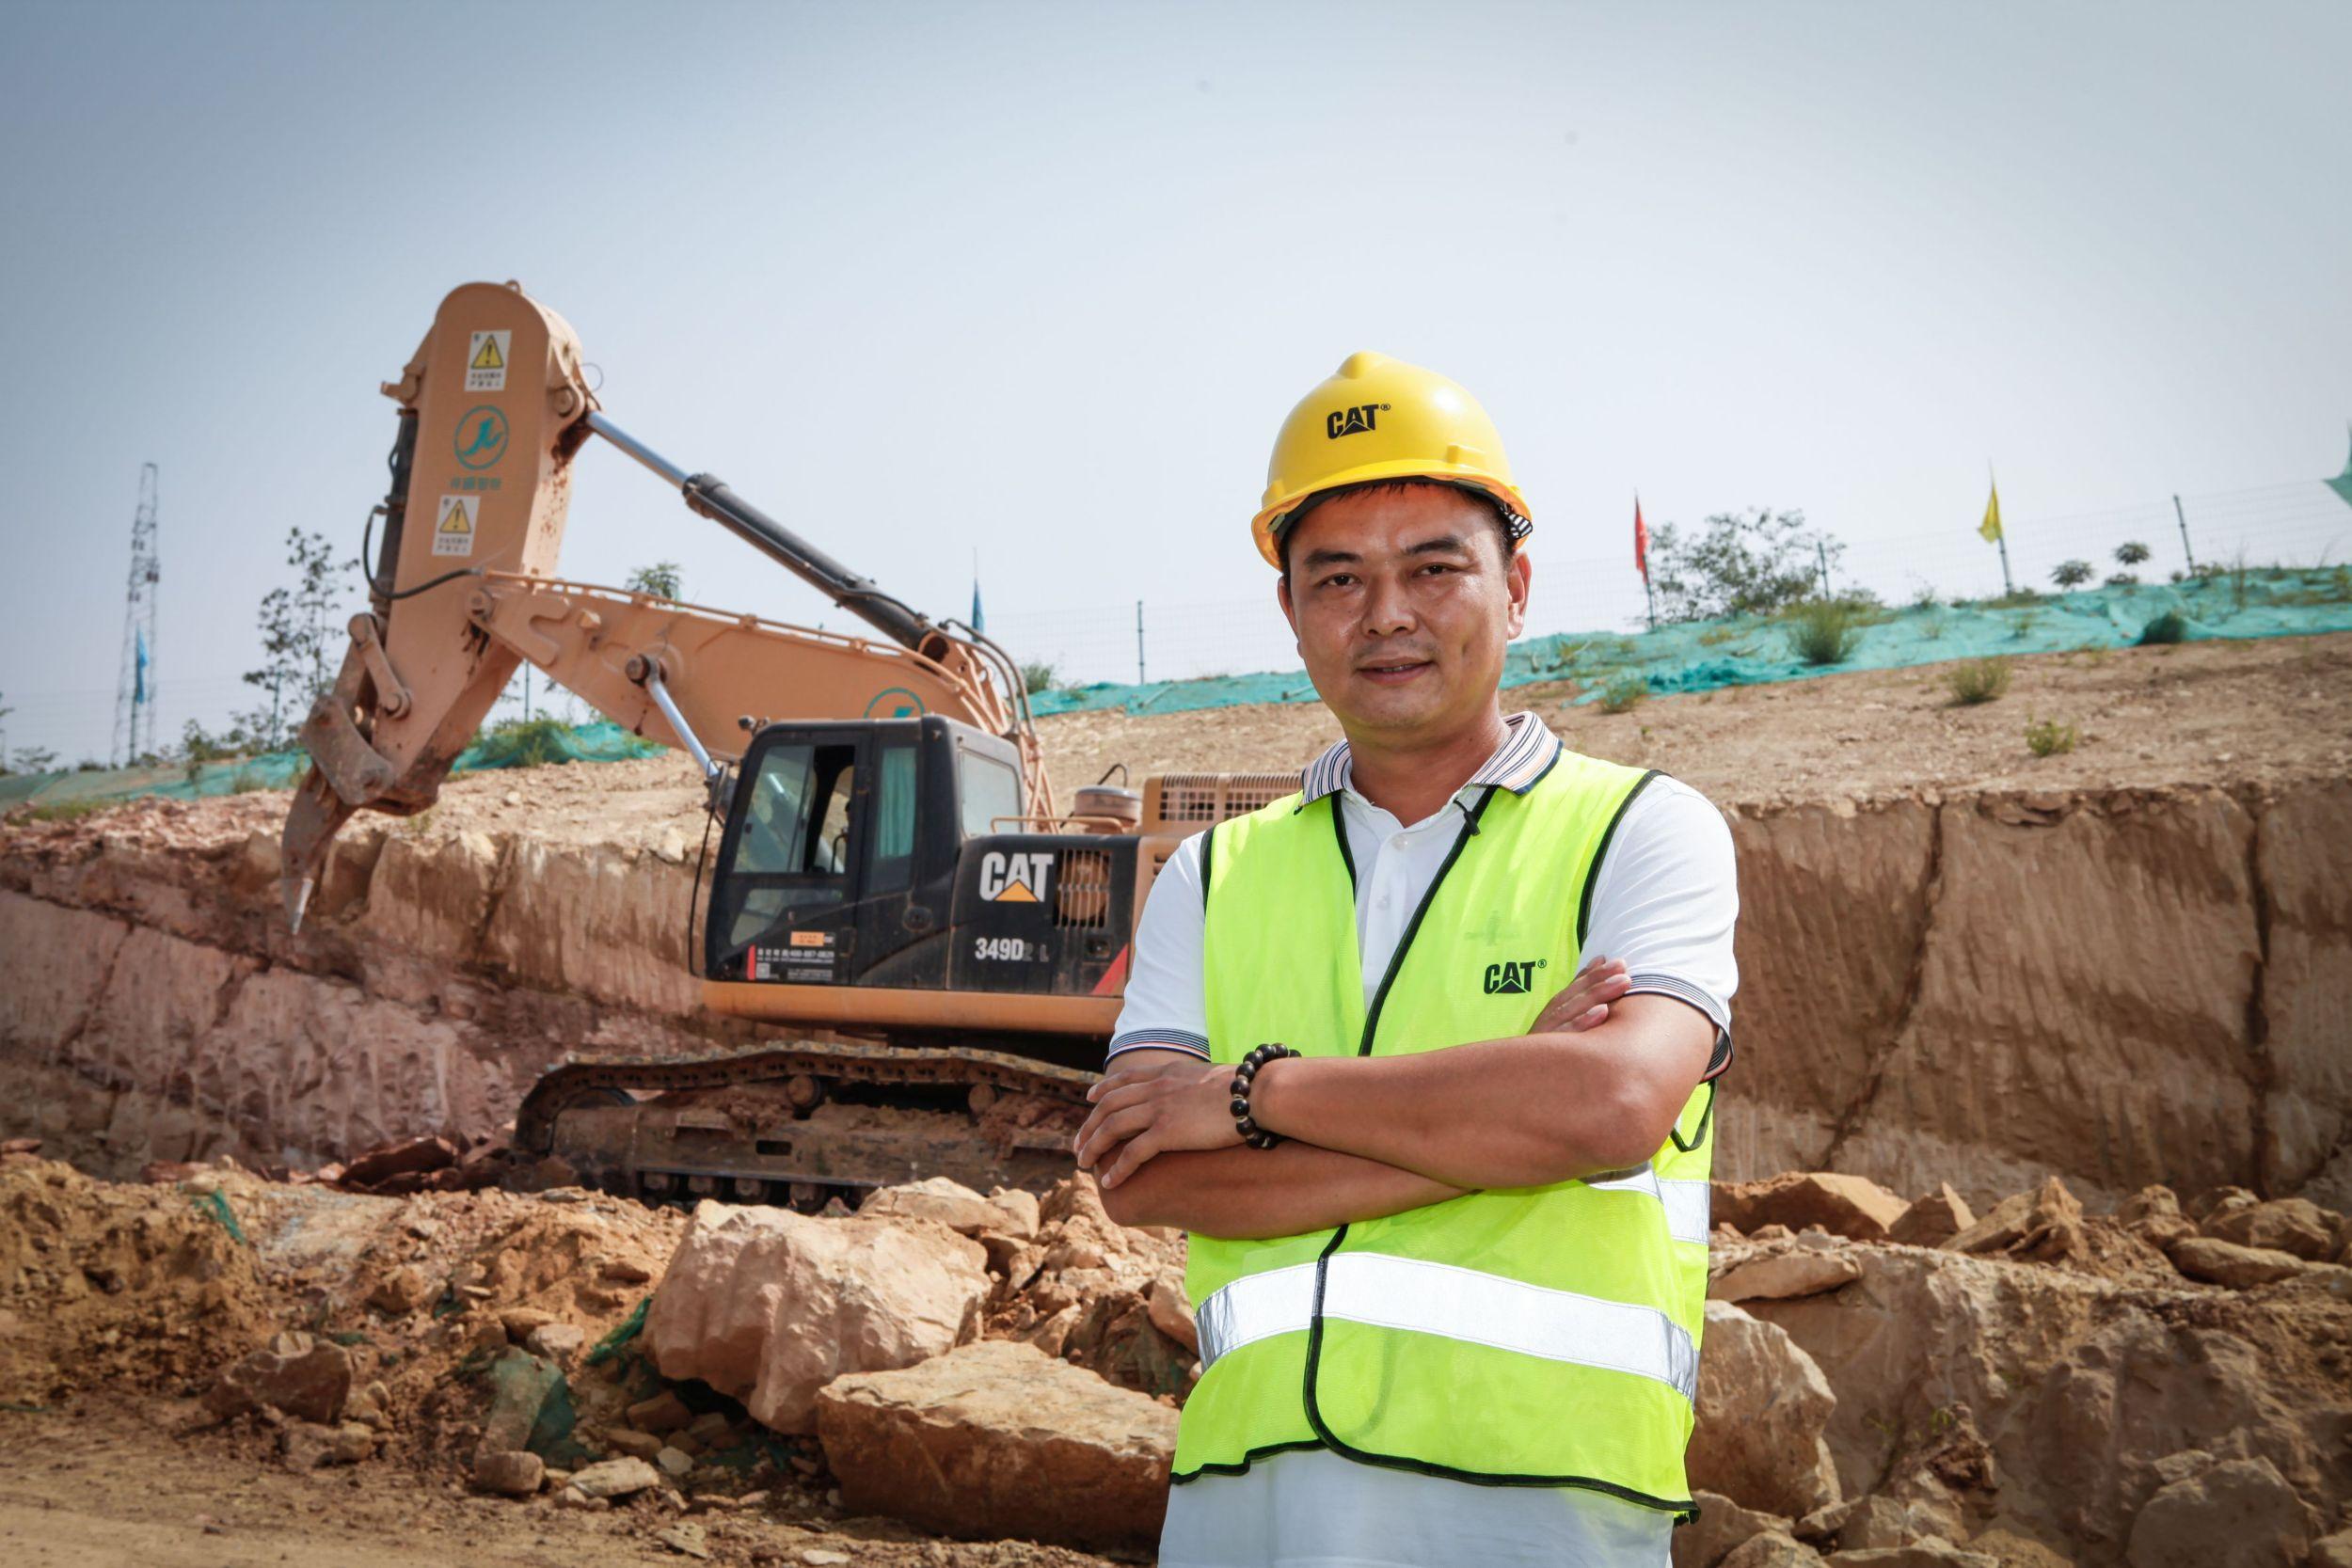 Cat Frontless Excavators Stand Up to Hard Rock